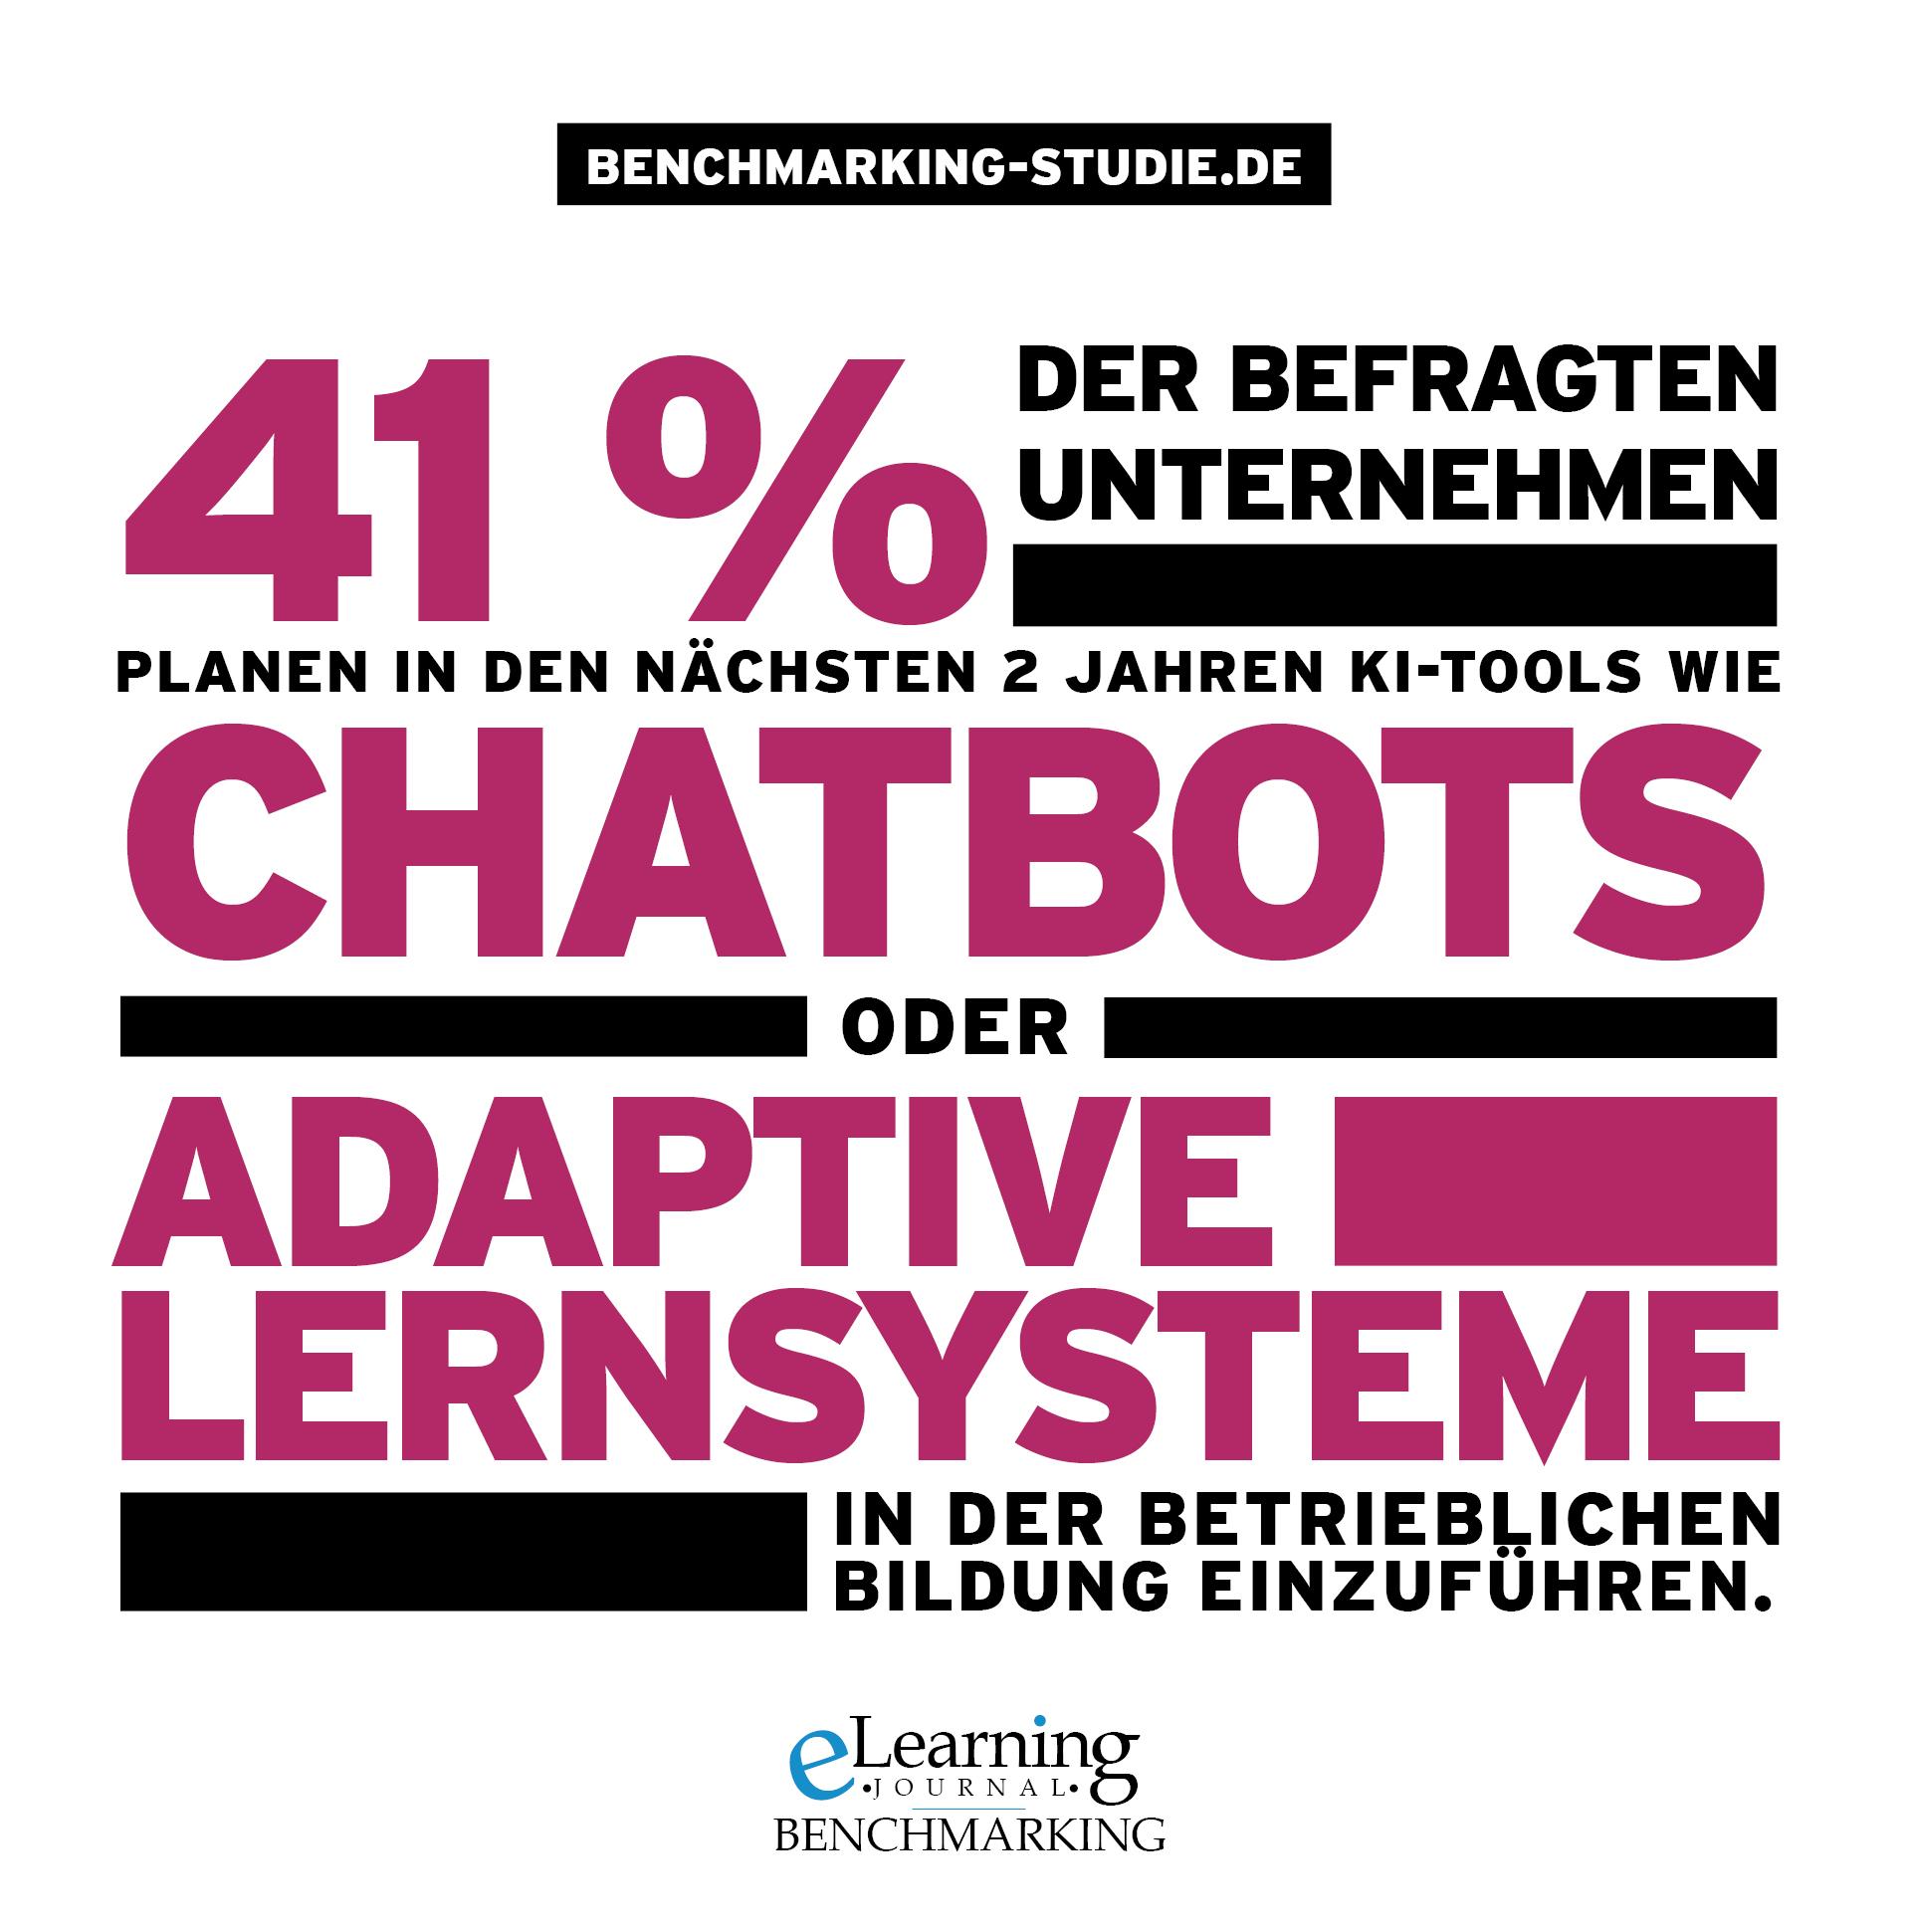 41% der befragten Unternehmen planen in den nächsten 2 Jahren KI-Tools wie Chatbots oder Adaptive Lernsysteme in der betrieblichen Bildung einzuführen